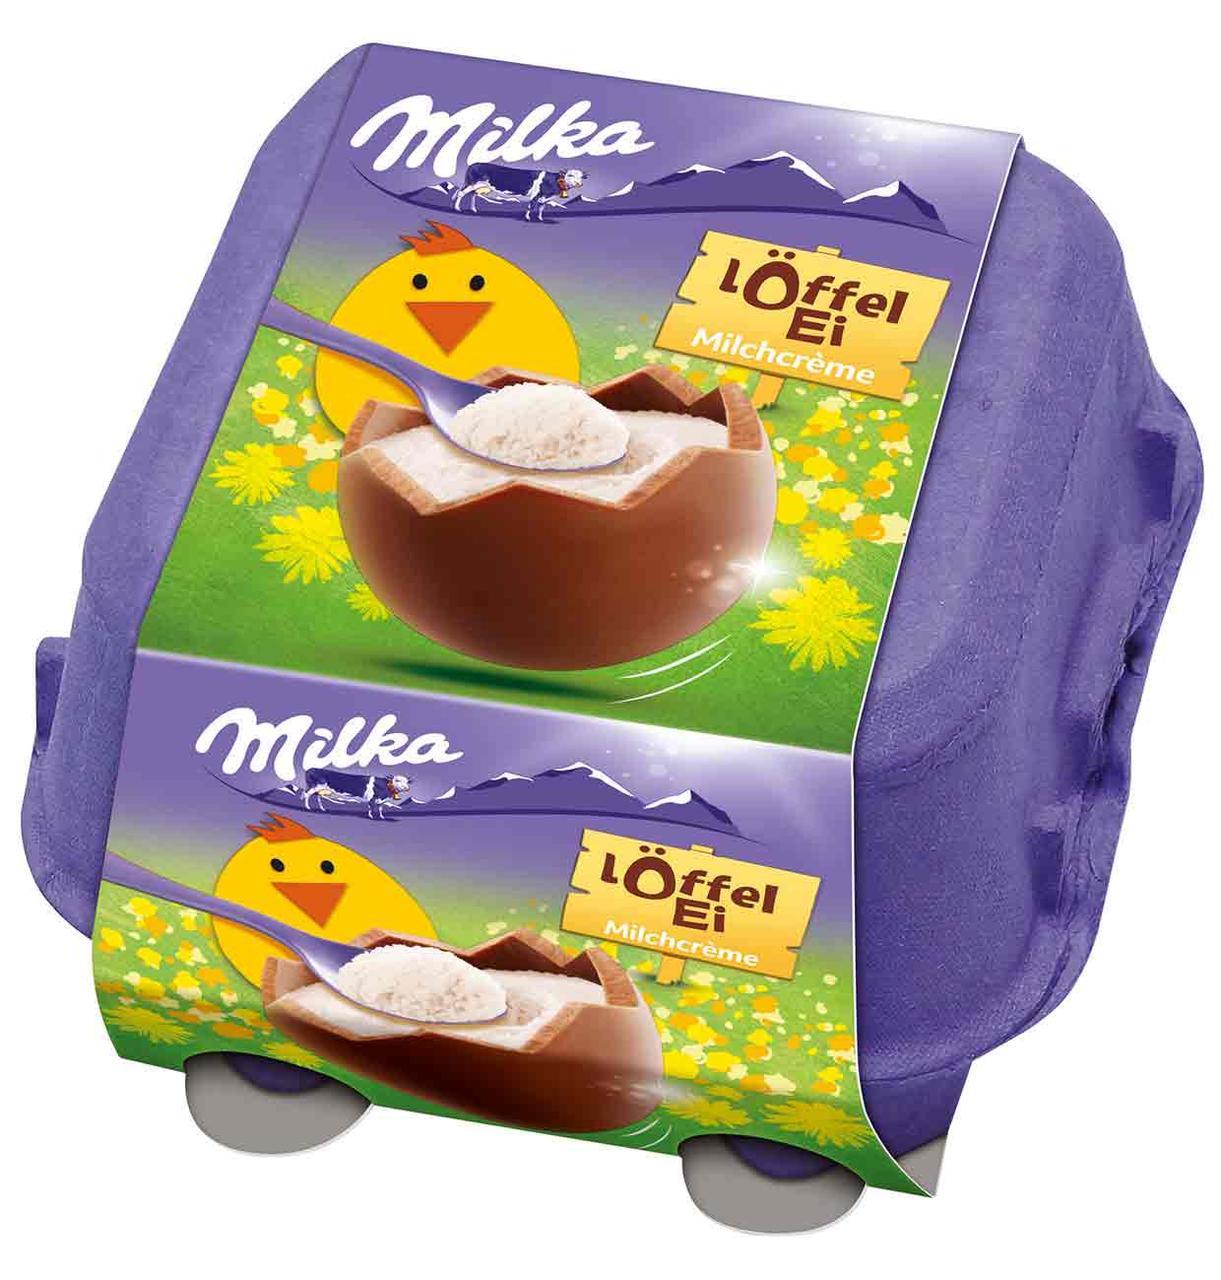 Шоколадные яички в лотке Milka «Löffel Ei» c молочным кремом, 144 г.